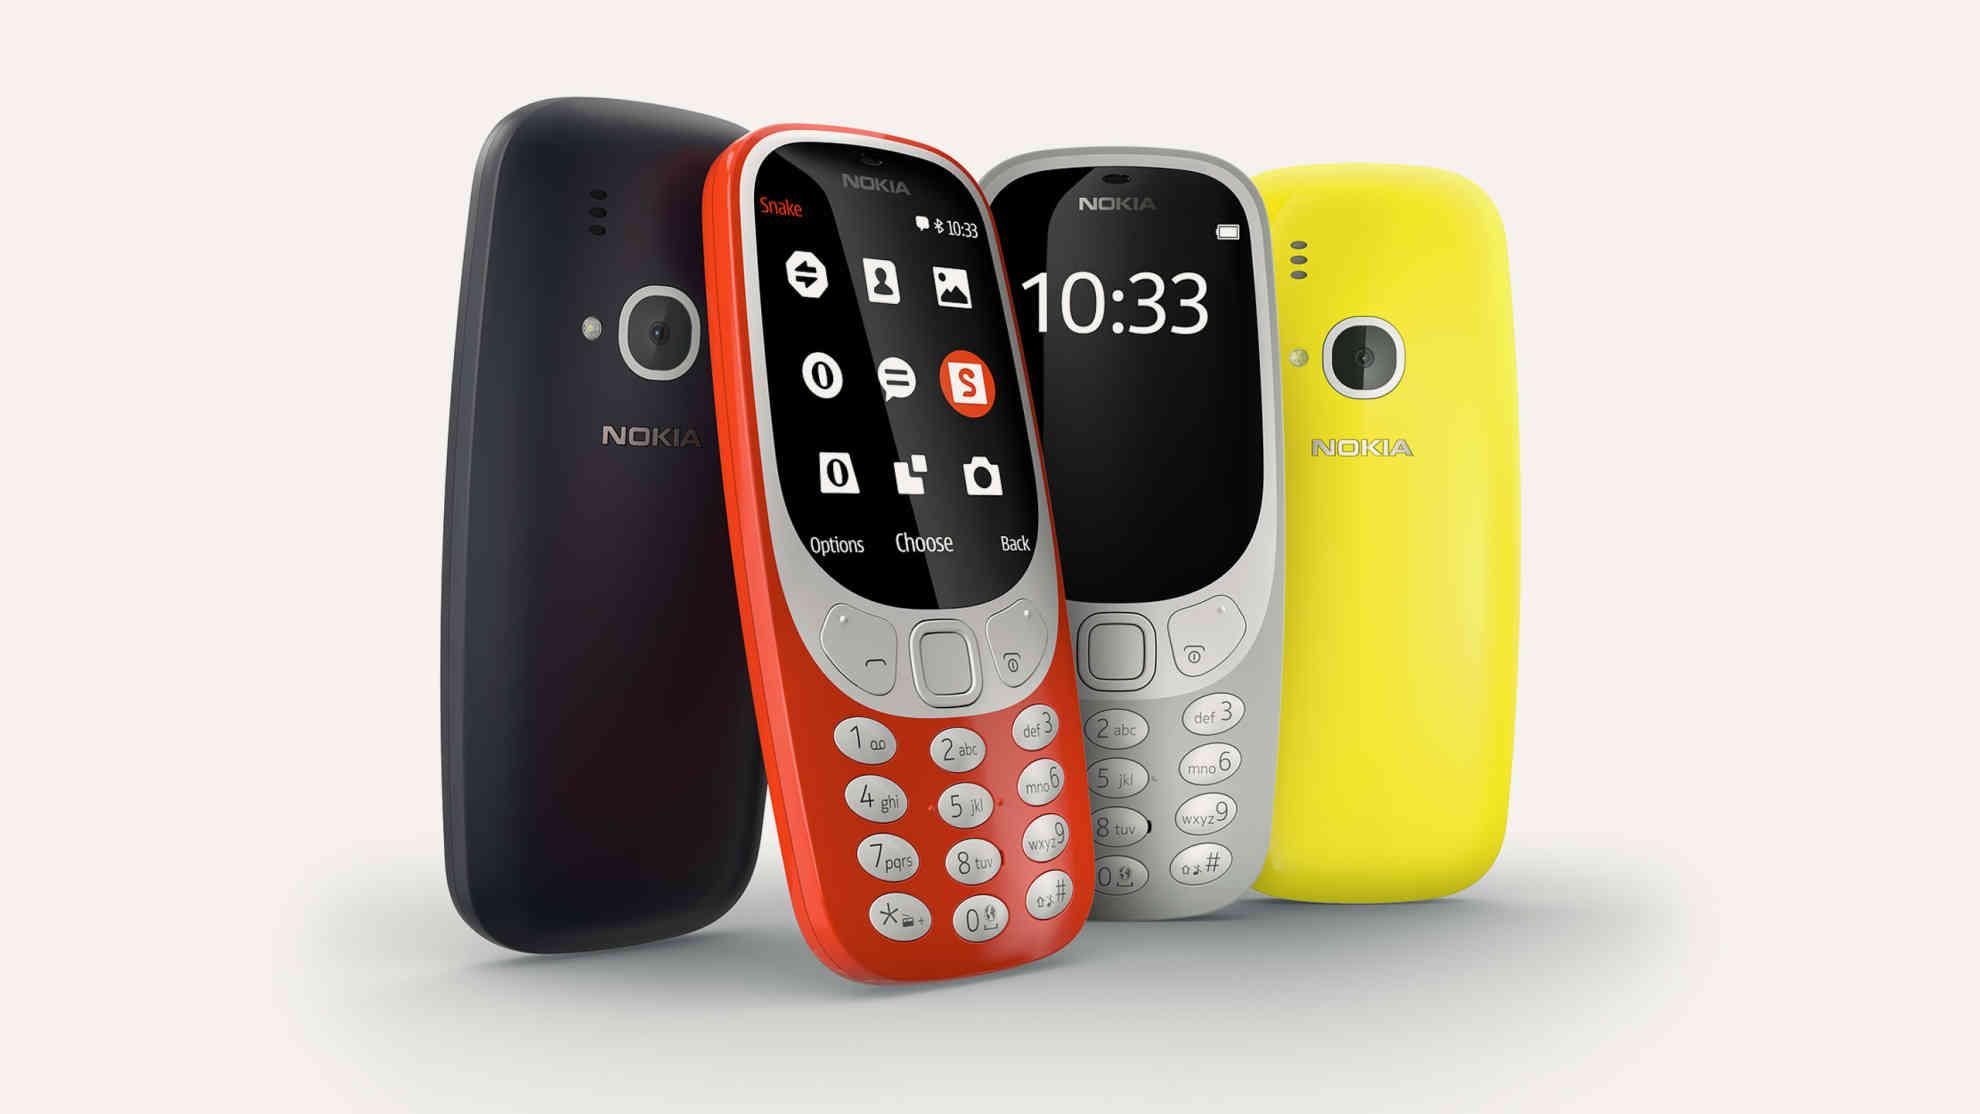 Պաշտոնապես ներկայացվել են նոր Nokia սմարթֆոնները և լեգենդար 3310 մոդելի նորացված տարբերակը